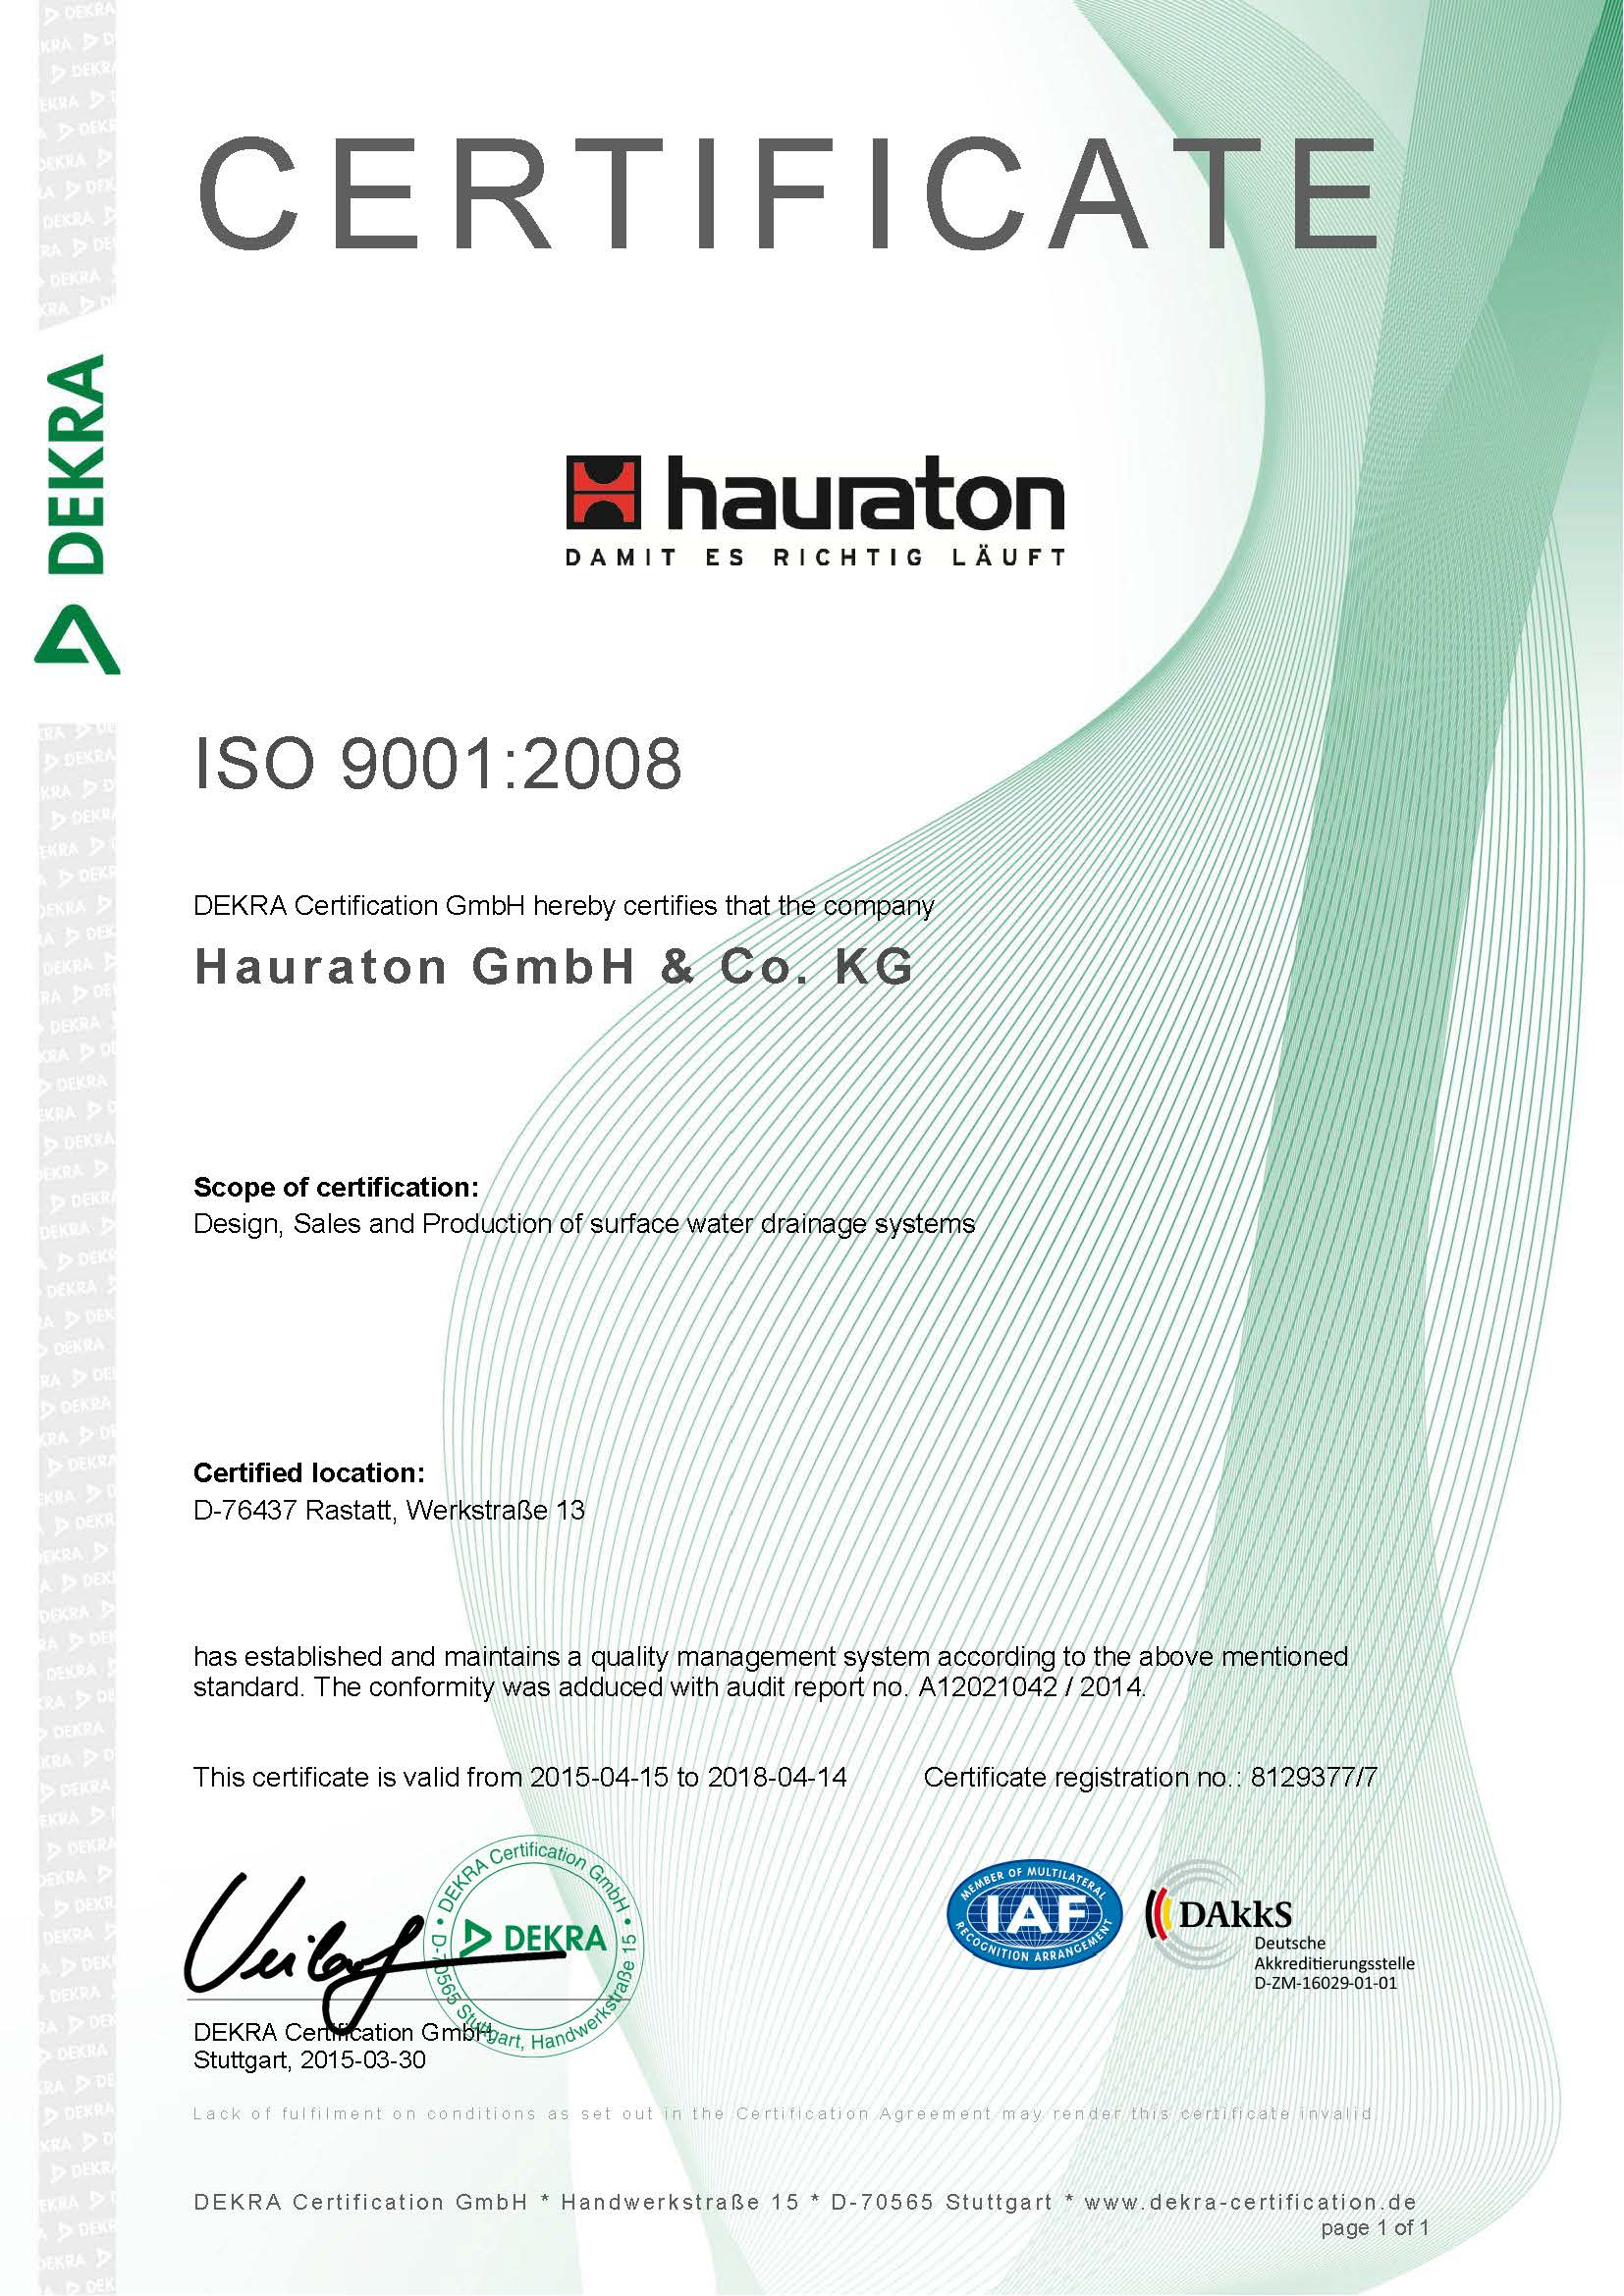 شرکت هاراتون آلمان دارای استاندارد ایزو 9001:2008 اروپا